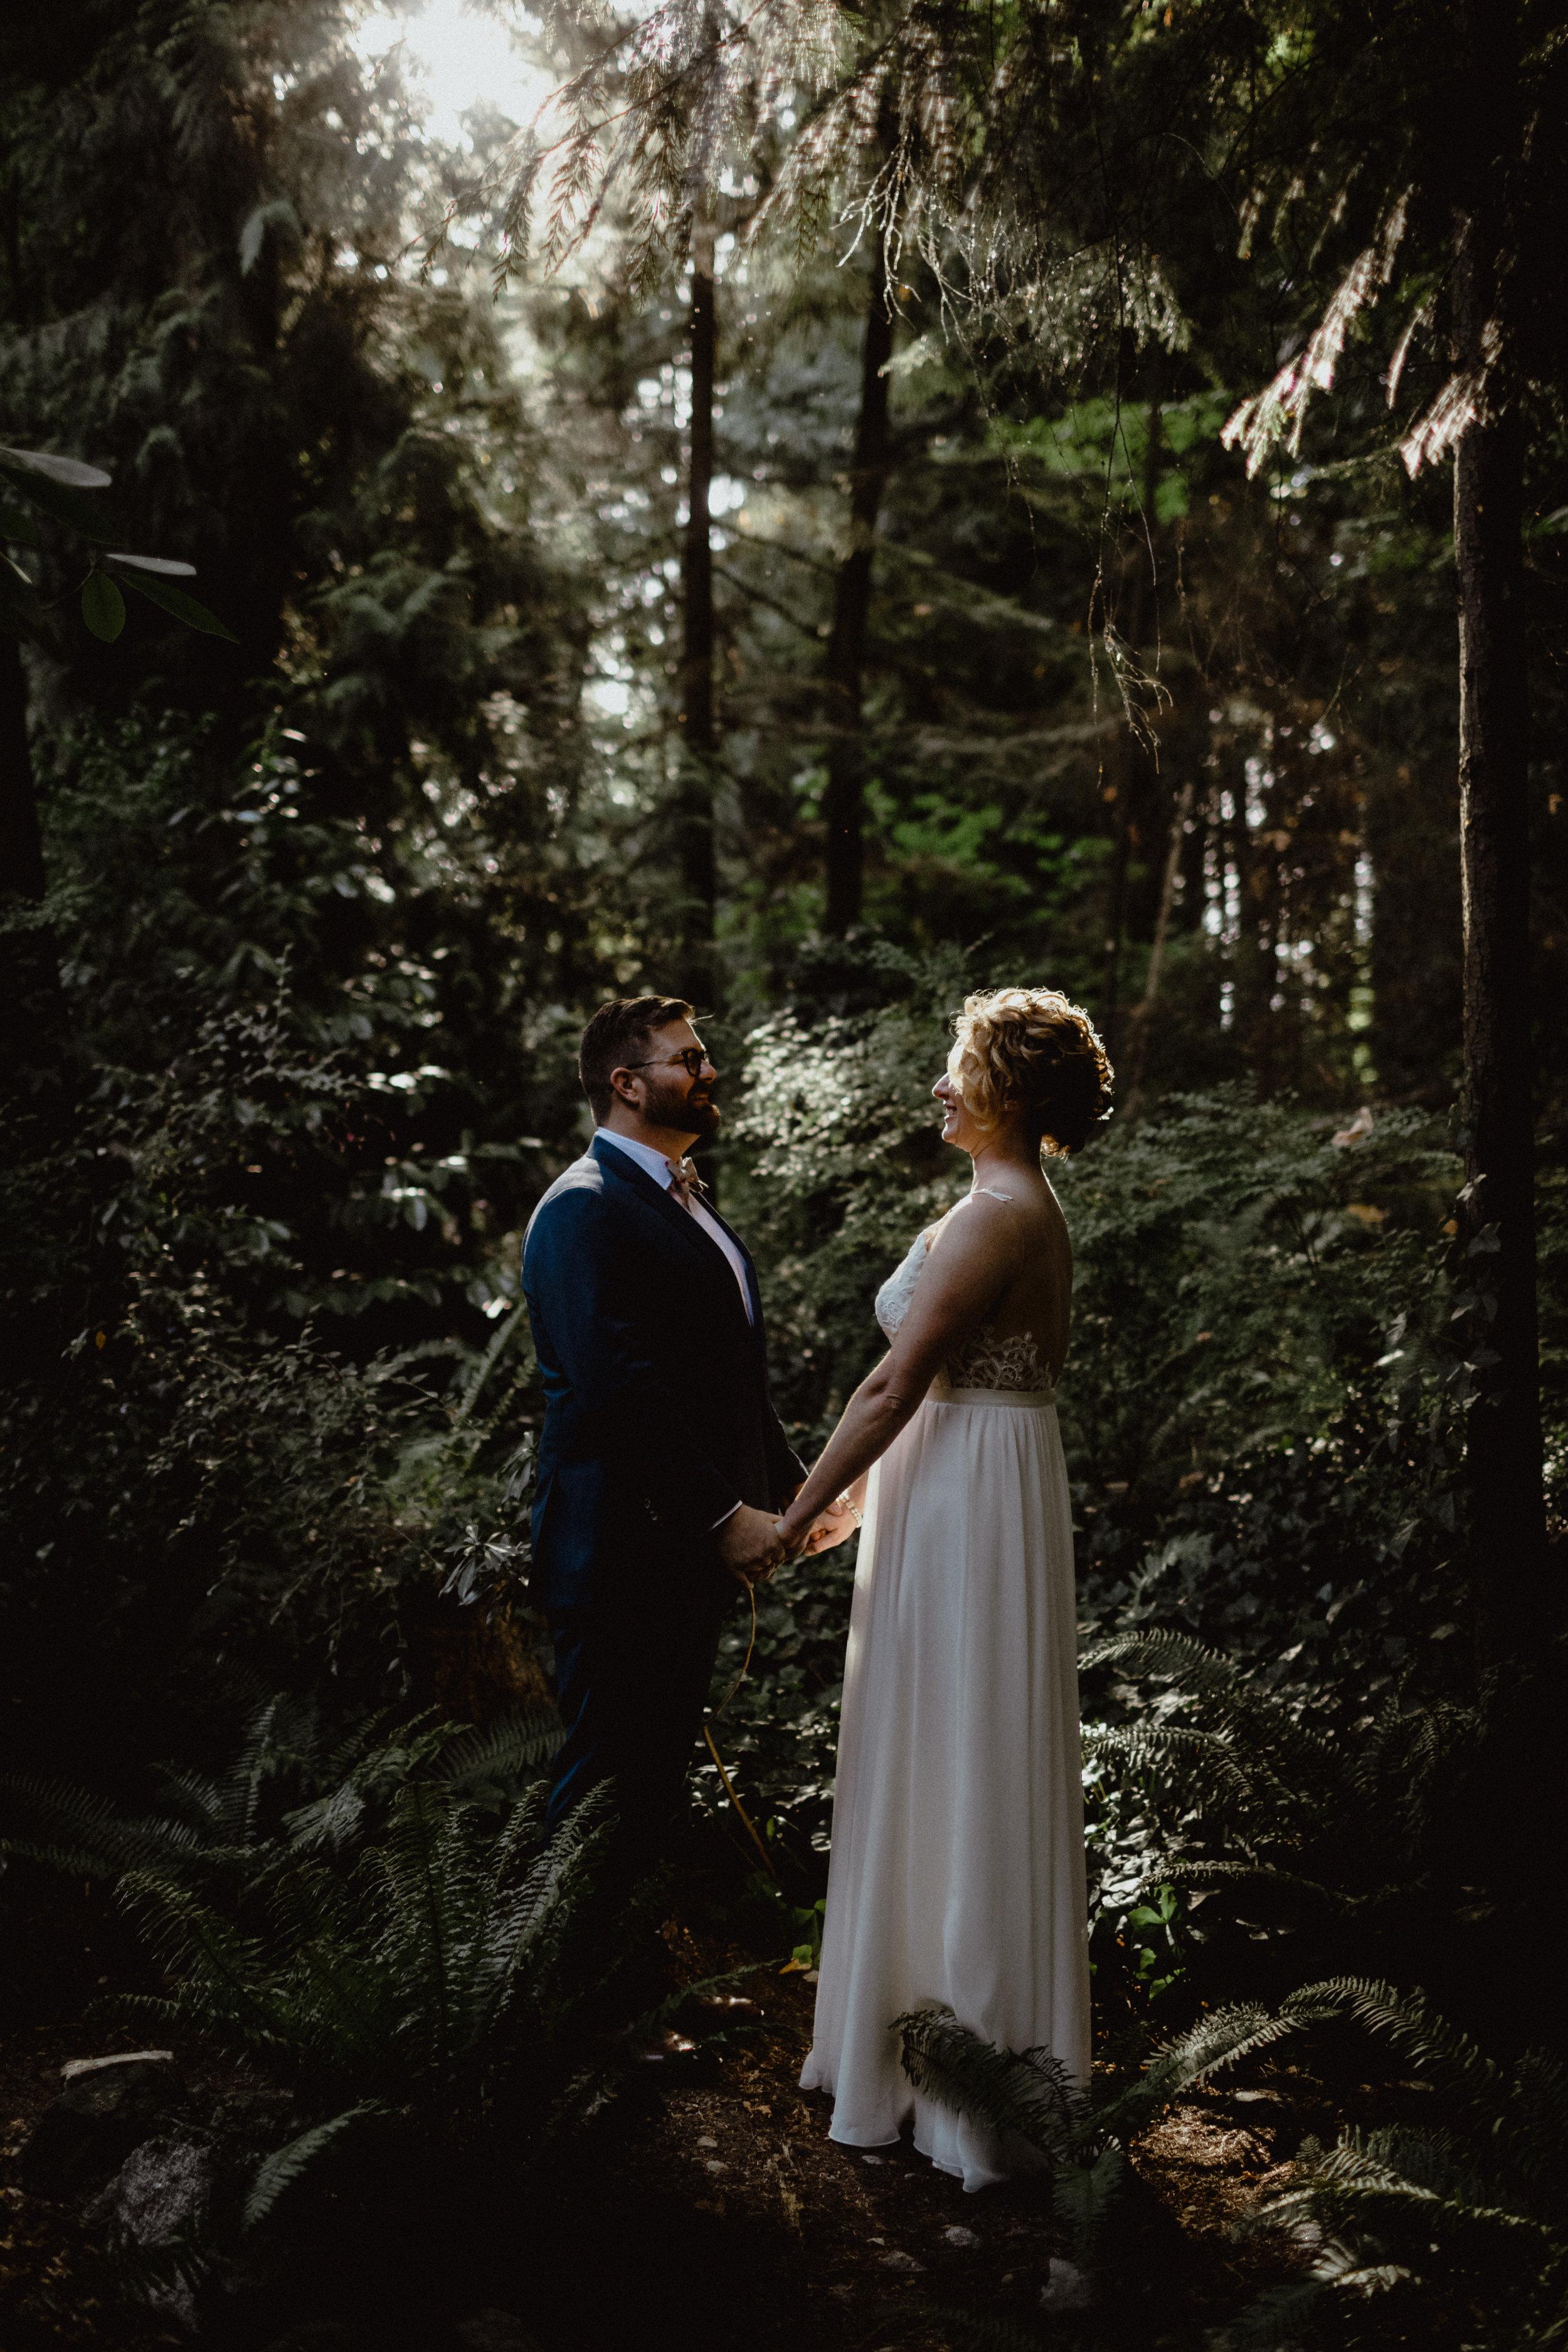 west-vancouver-backyard-wedding-194.jpg